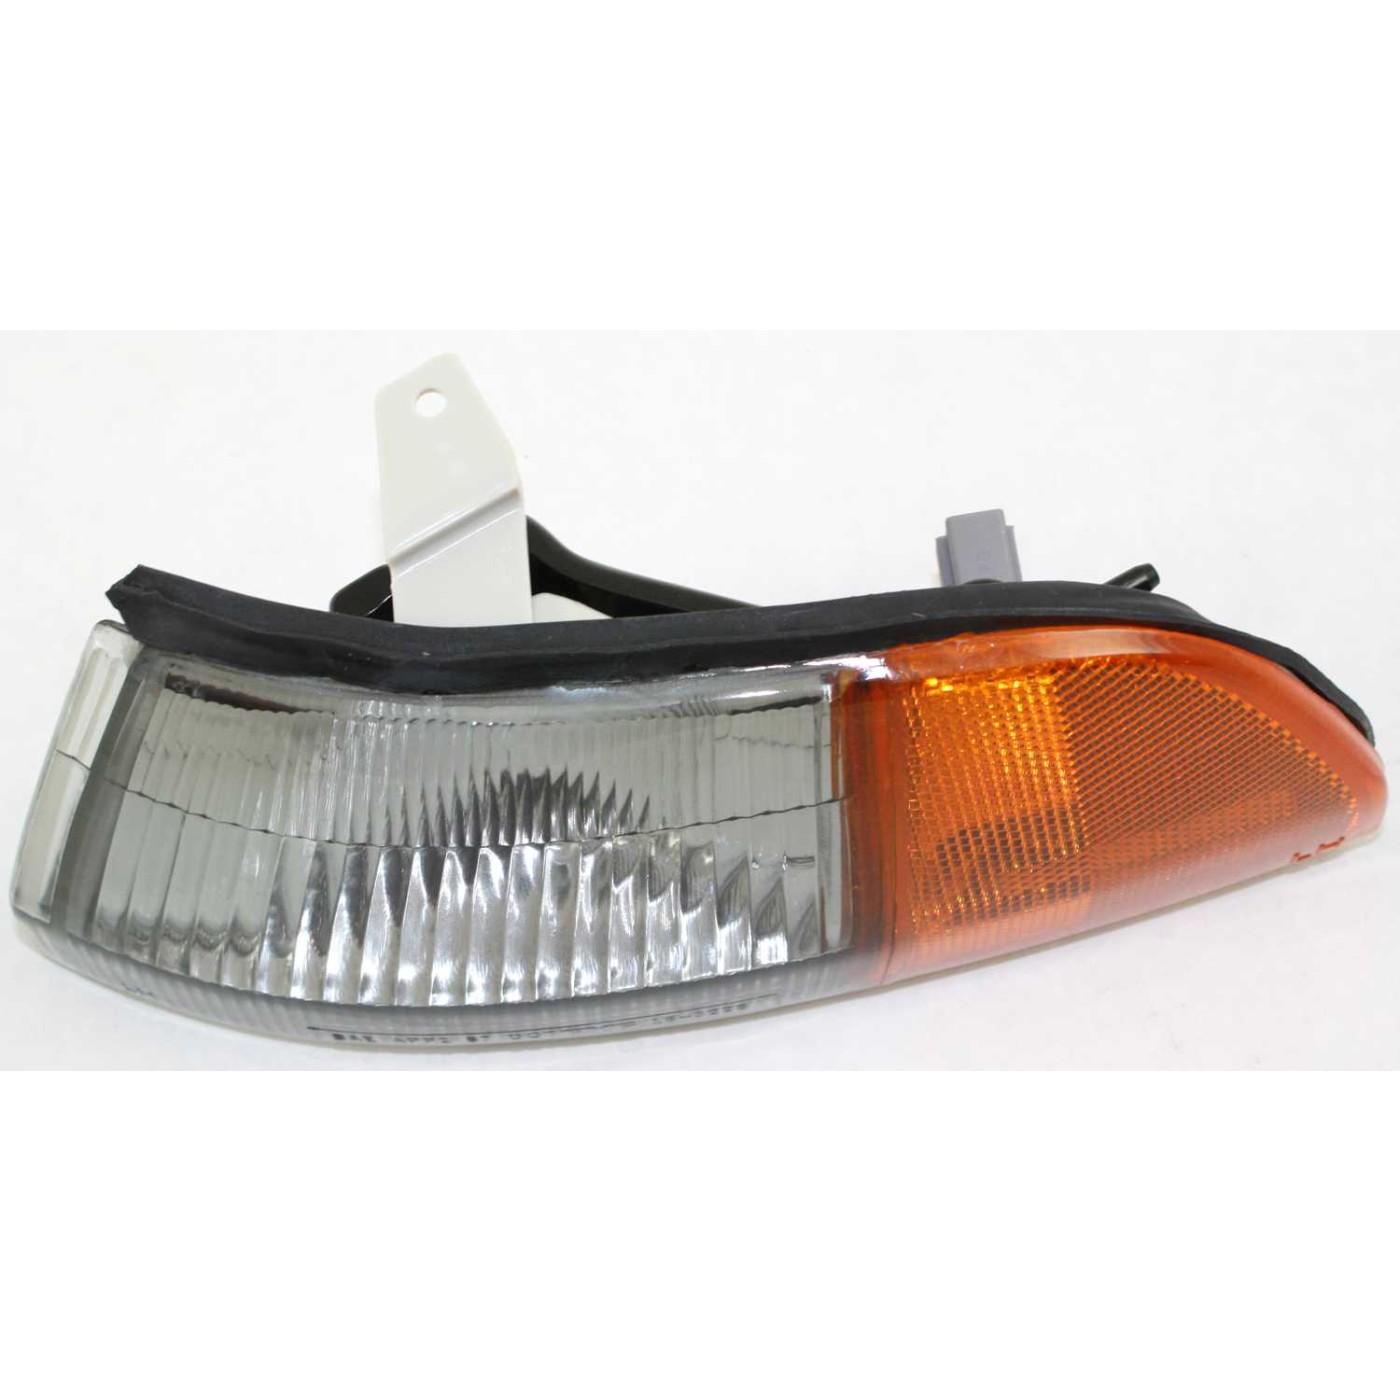 Corner Light For 90-93 Acura Integra Driver Side